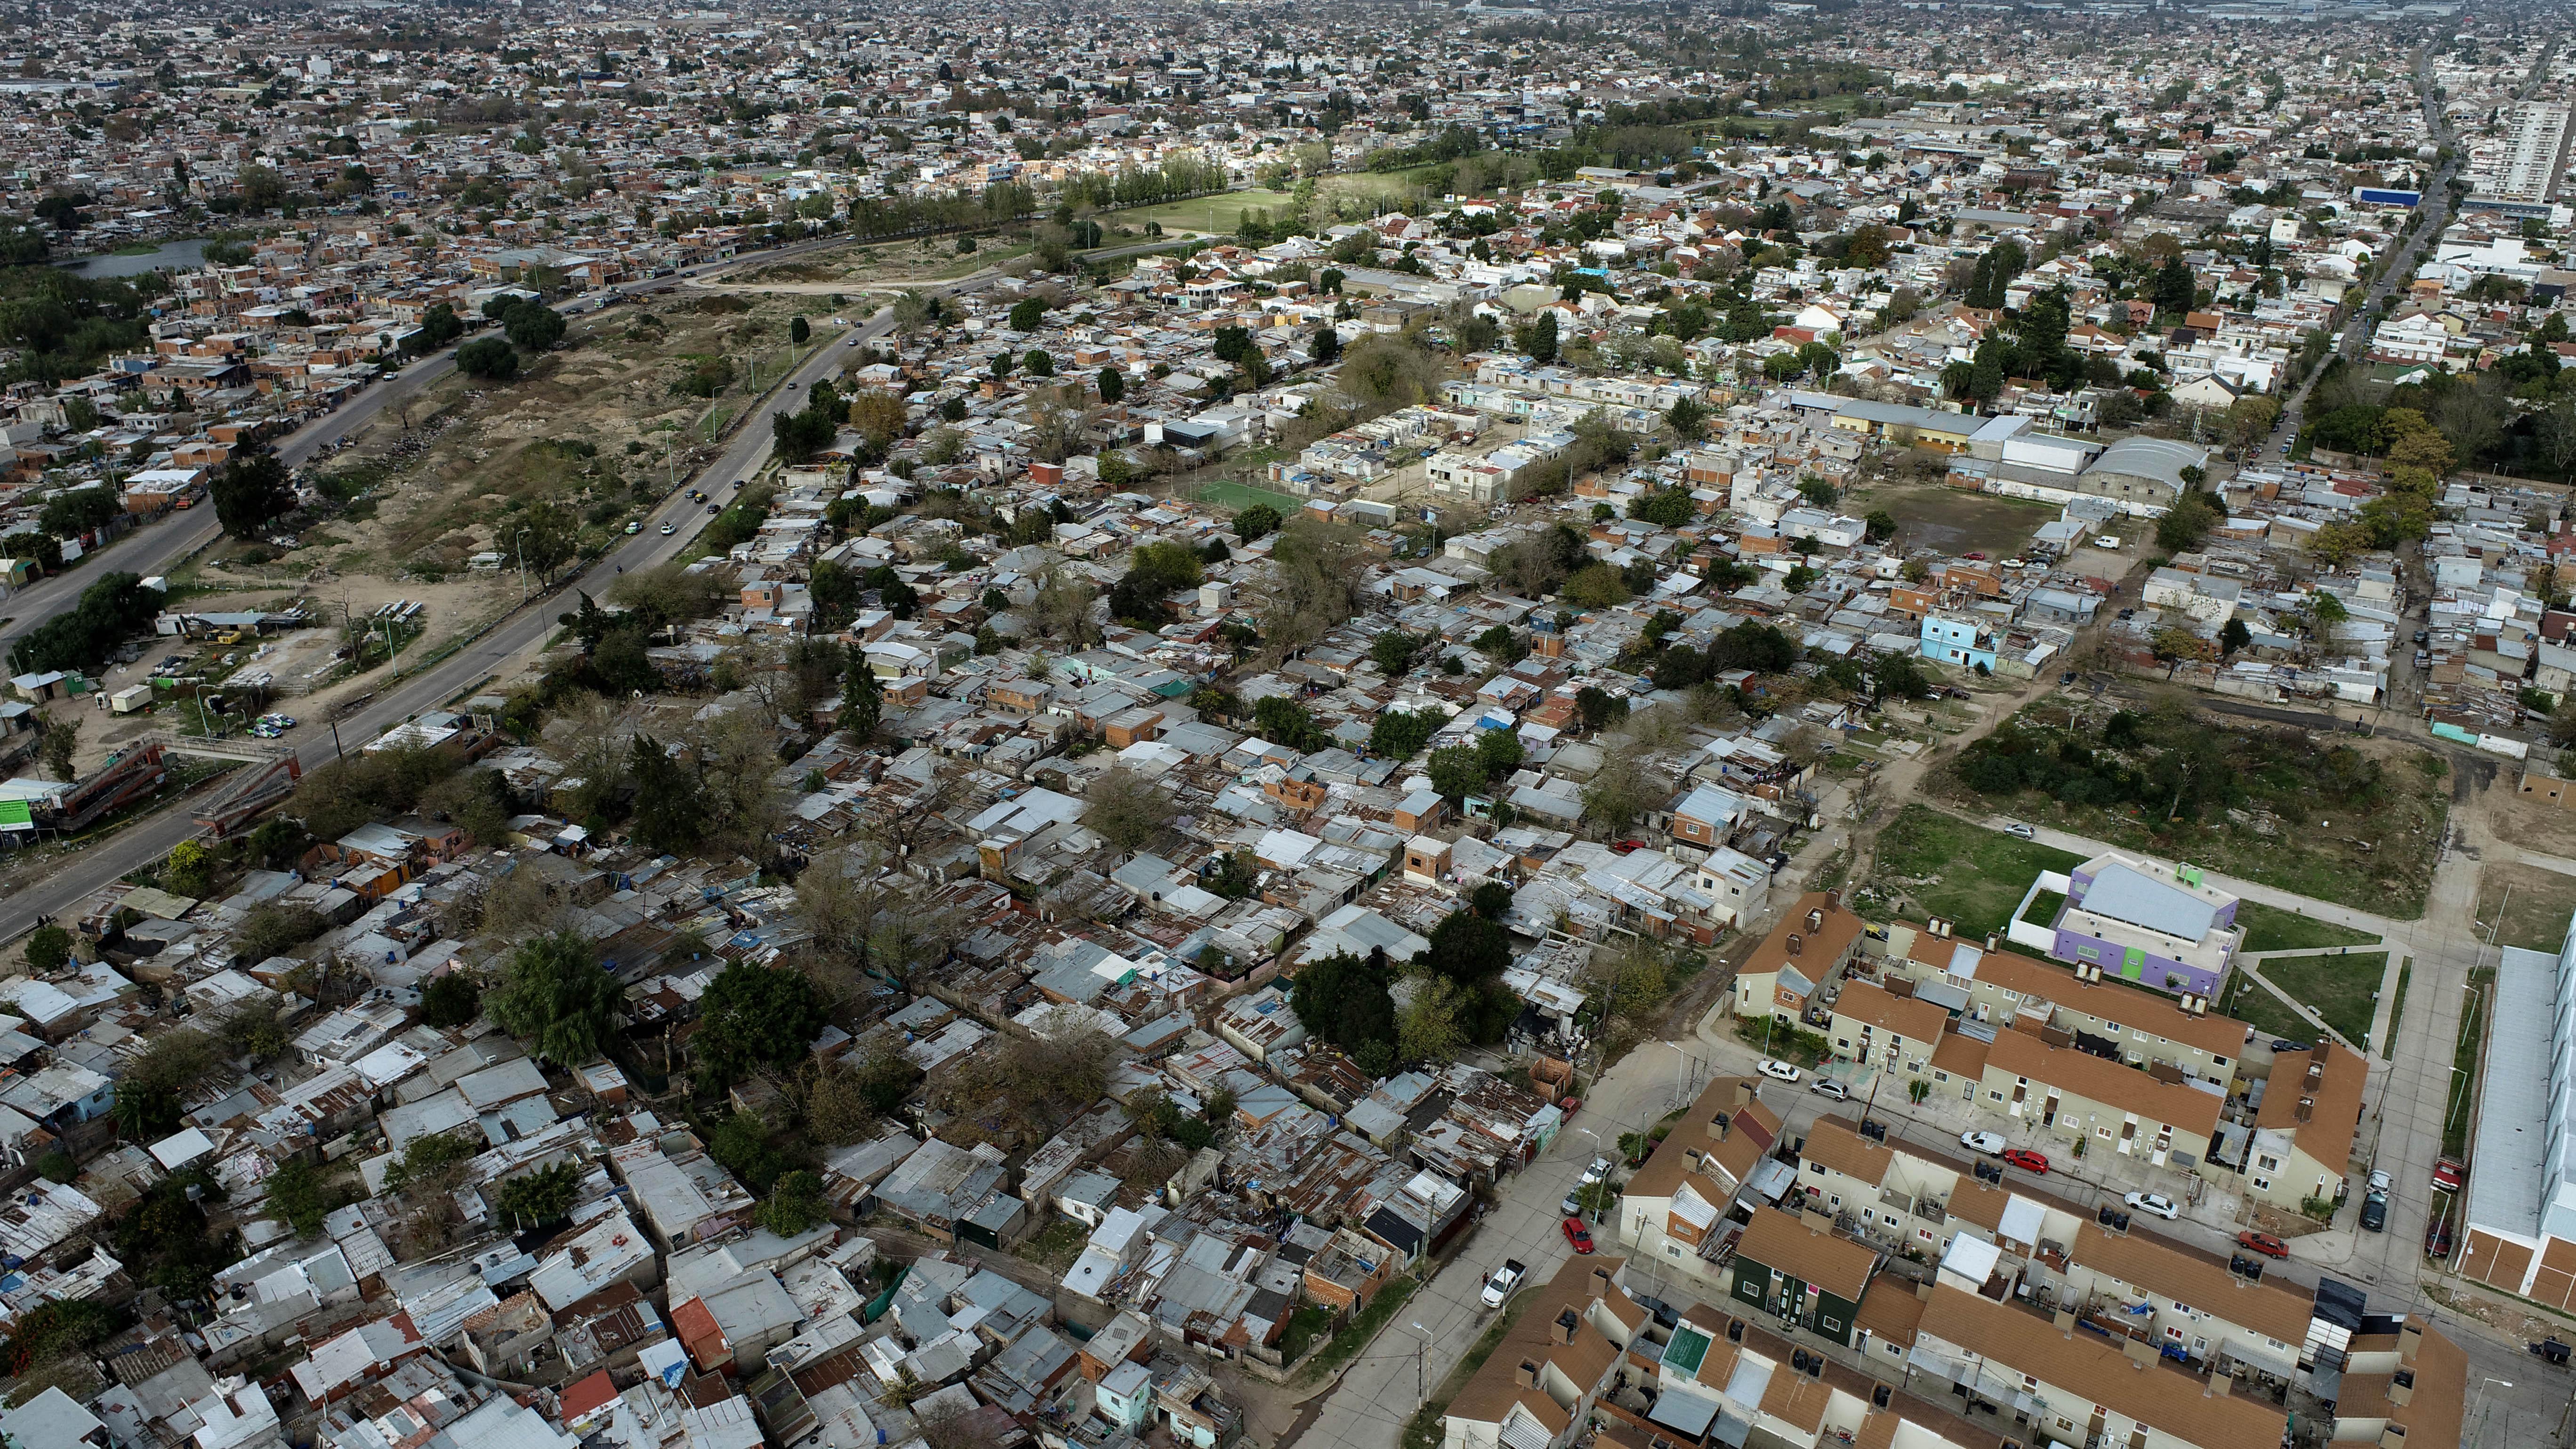 Villa Azul, a la derecha, está separada de Villa Itatí (izquierda) por el Acceso Sudeste, cuya construcción partió en dos lo que hasta 1976 era un único barrio